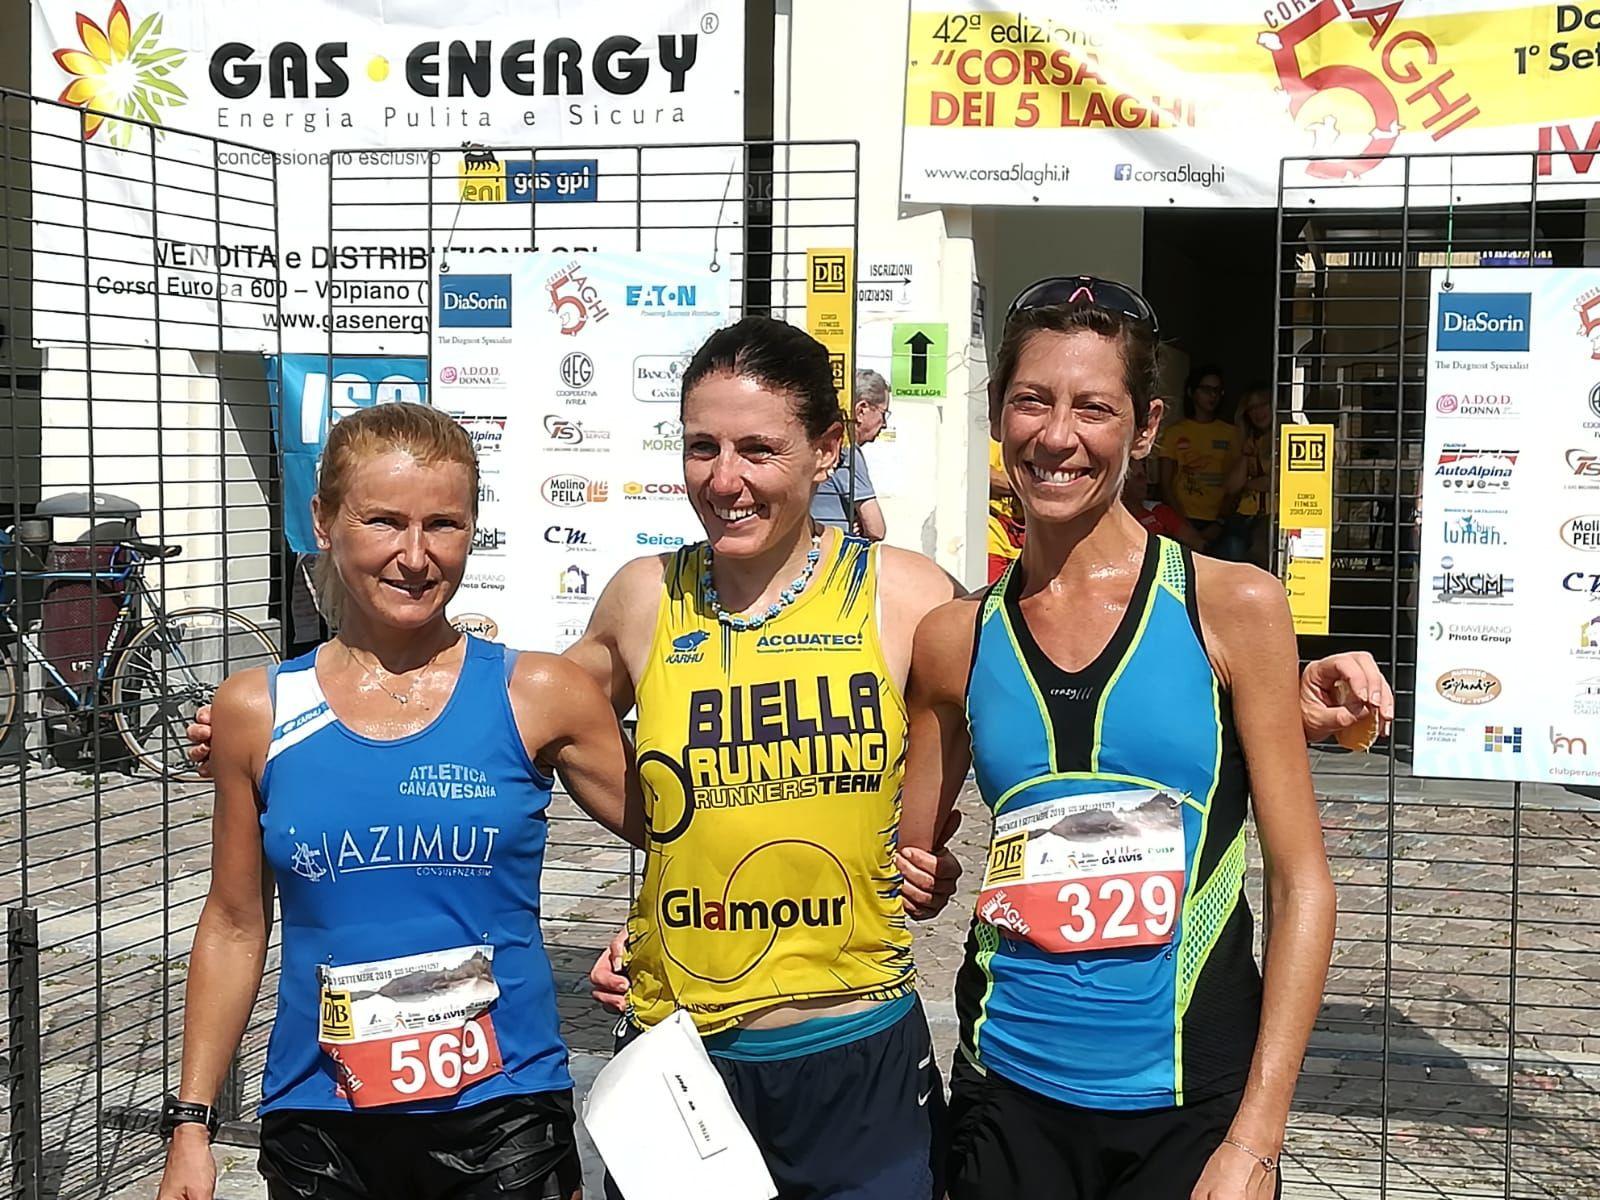 ATLETICA LEGGERA - Corsa dei 5 Laghi di Ivrea: quasi mille atleti ai nastri di partenza